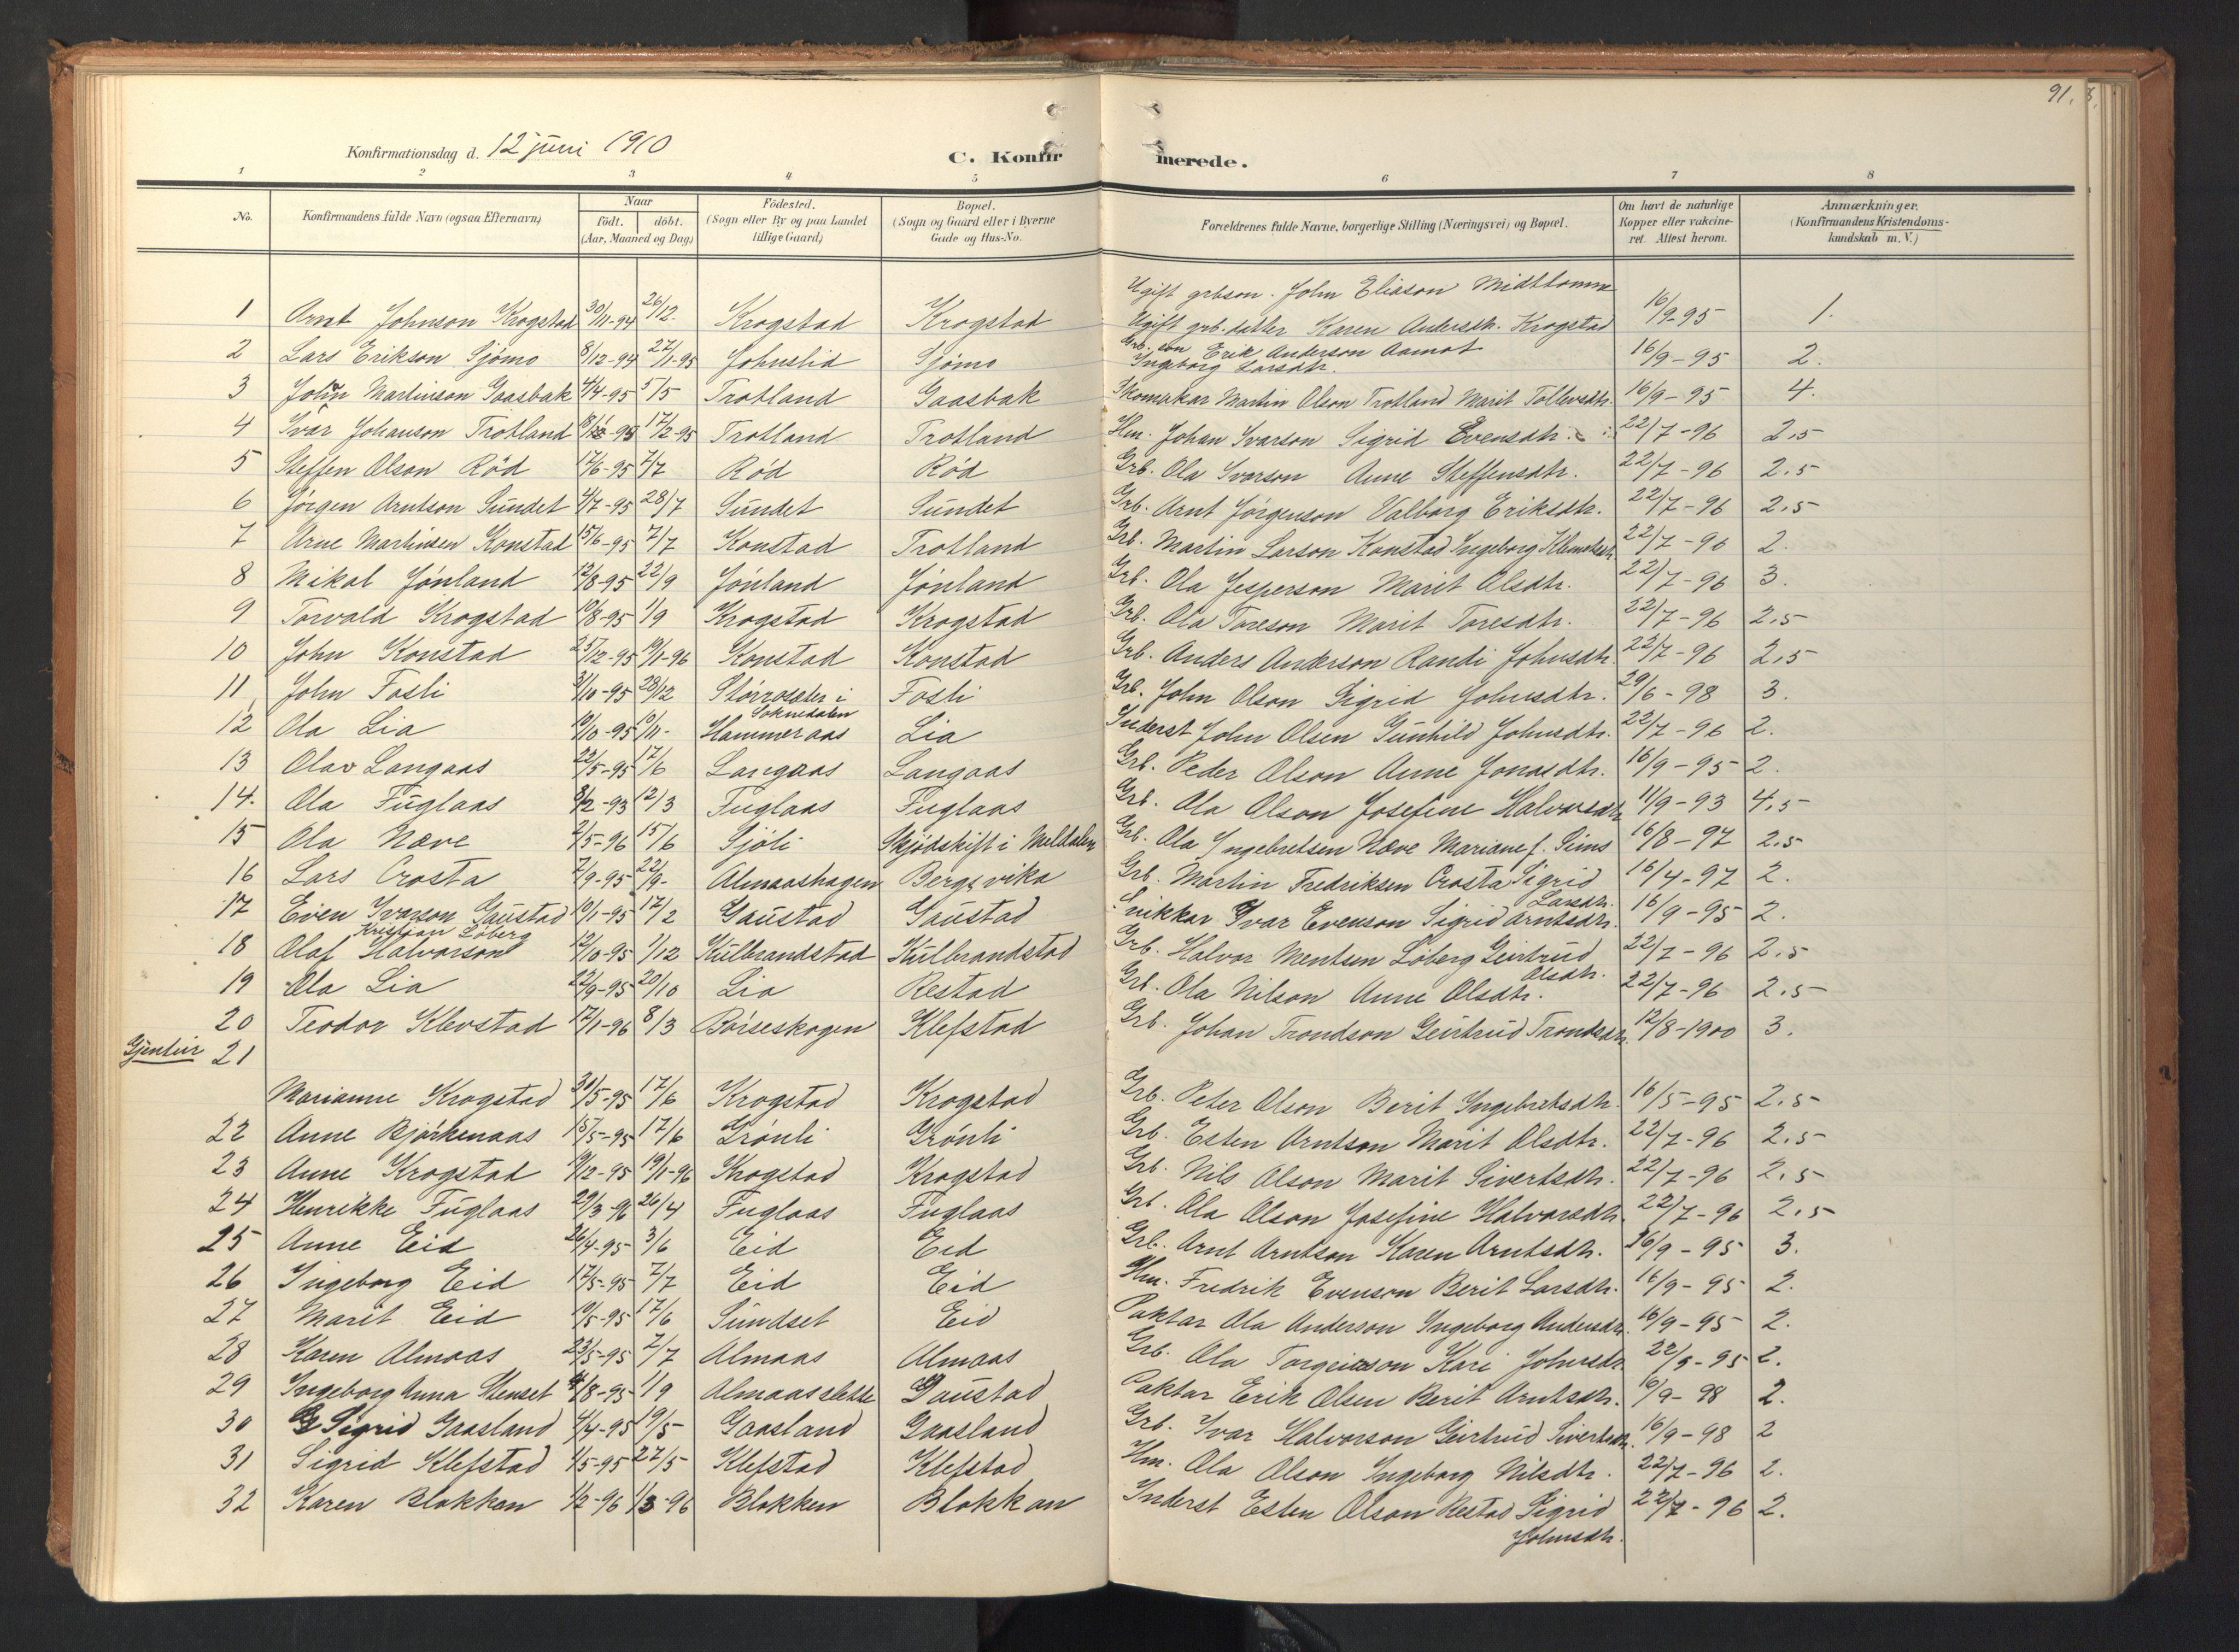 SAT, Ministerialprotokoller, klokkerbøker og fødselsregistre - Sør-Trøndelag, 694/L1128: Ministerialbok nr. 694A02, 1906-1931, s. 91